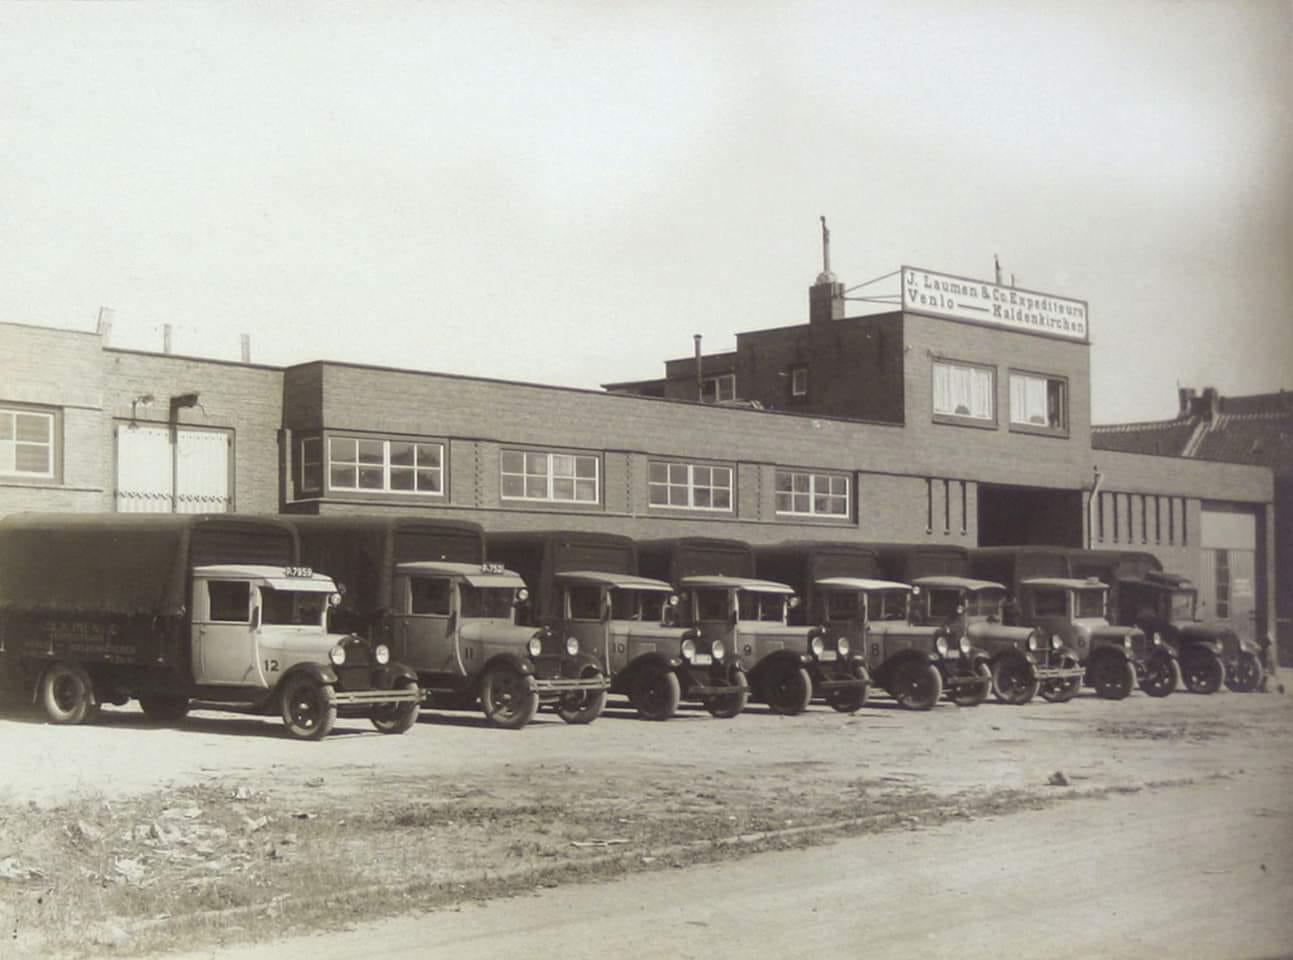 Laumen-Transport--Venlo-aan-de-Emmastraat-is-in-de-jaren-zeventig-overgenomen-door-Theo-Lehnen-en-verhuisd-naar-de-Kaldenkerkerweg-in-Tegelen--Rob-Van-Oijen-archief